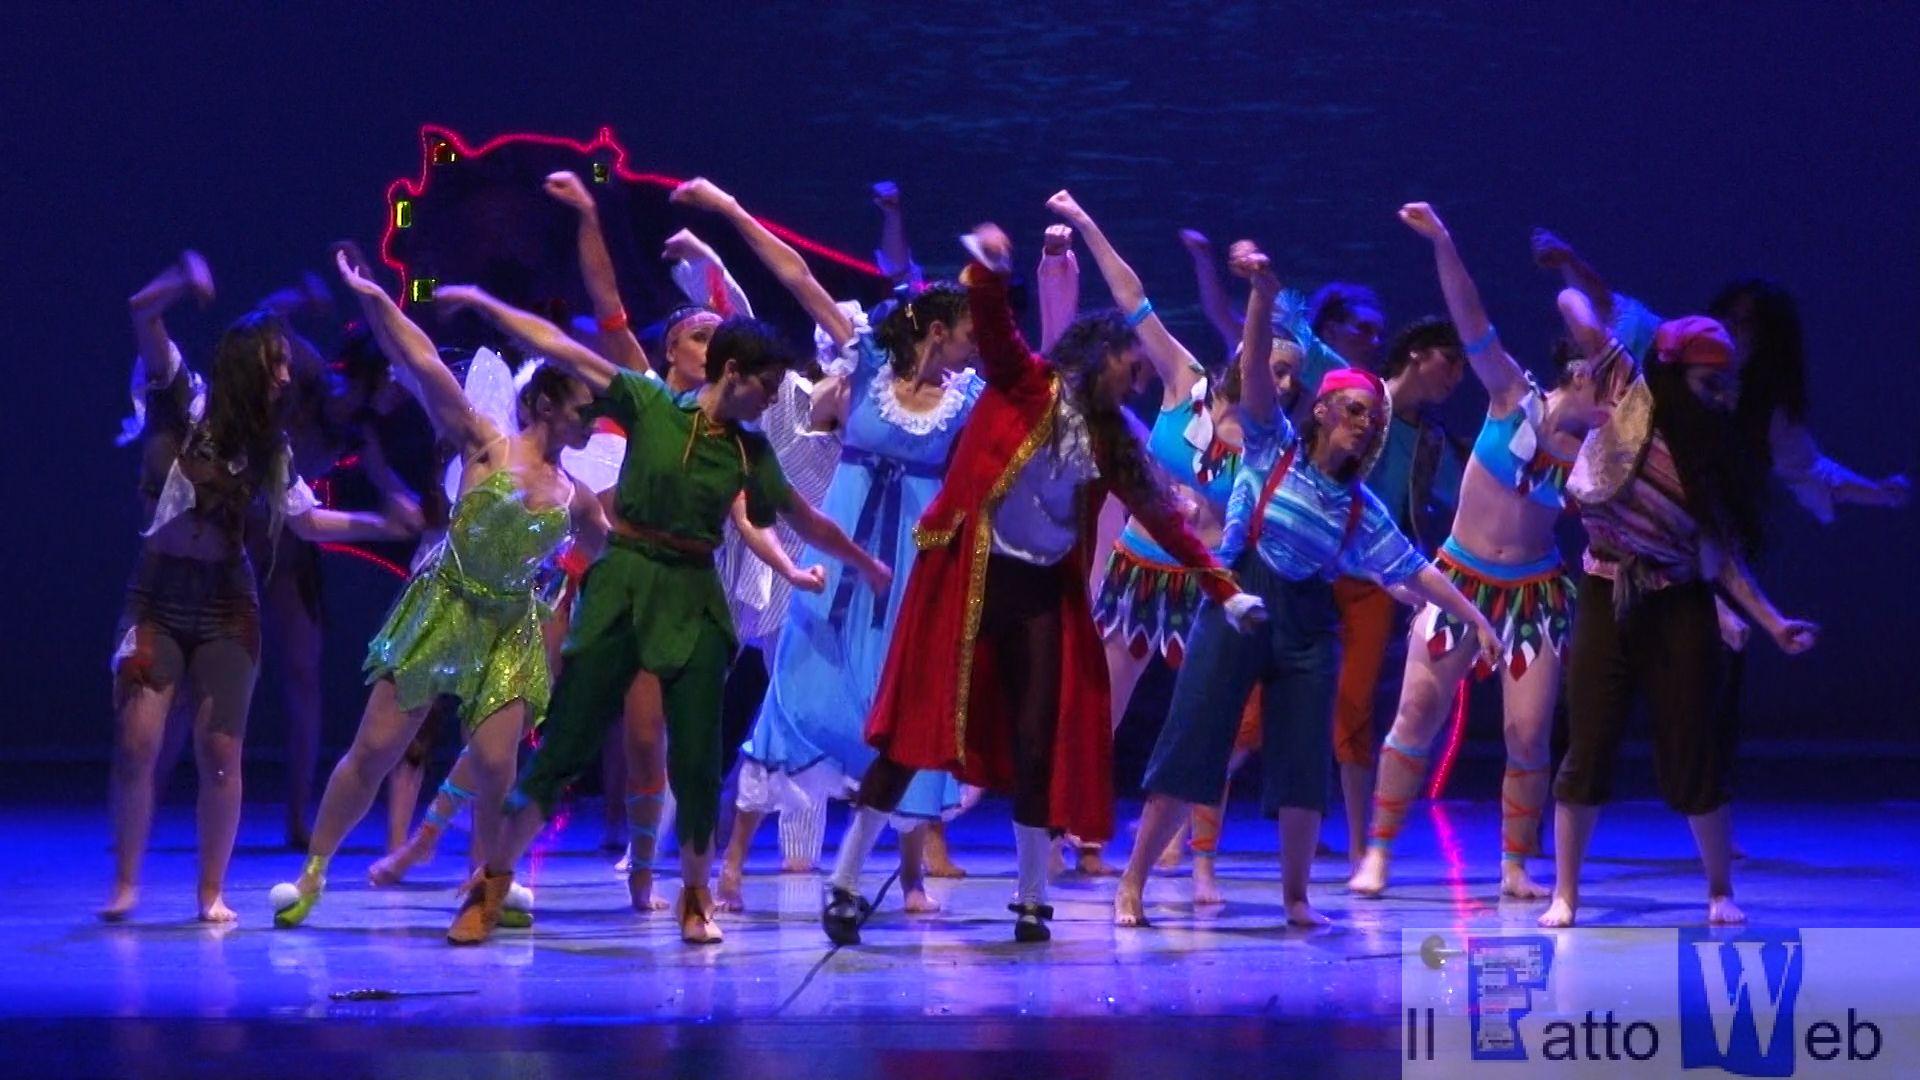 Peter Pan tra stupore e magia incanta grandi e piccini